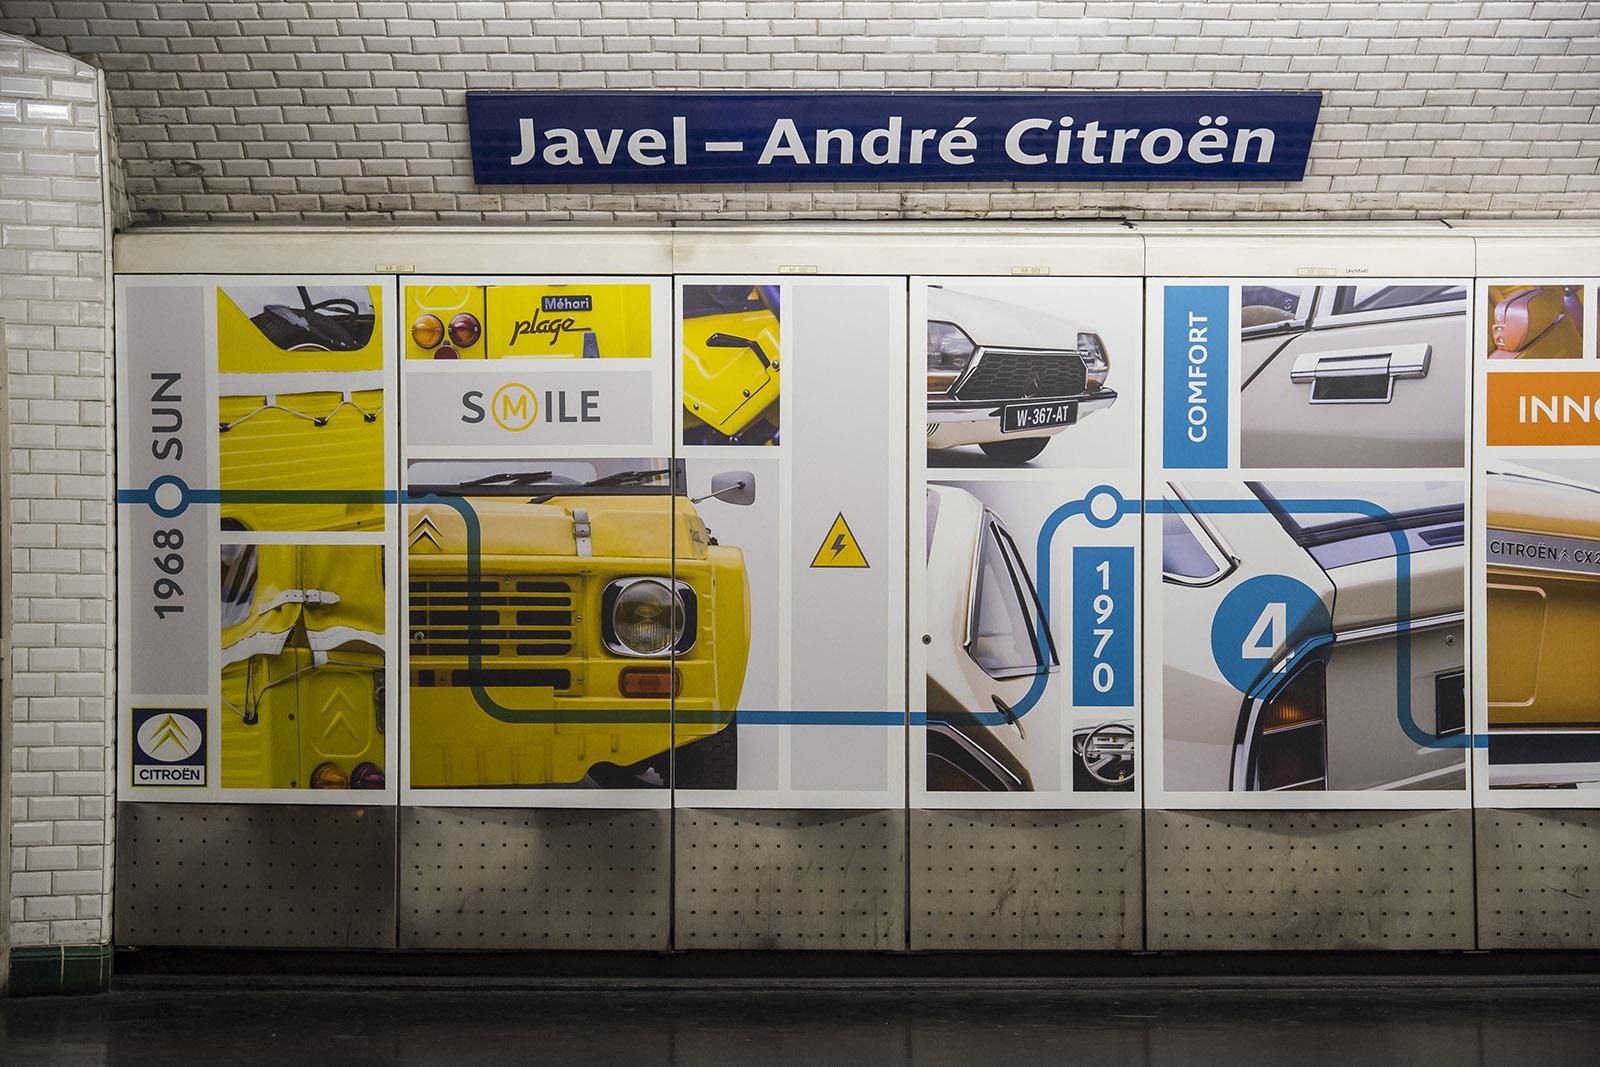 Paris. Station Javel-André Citroën